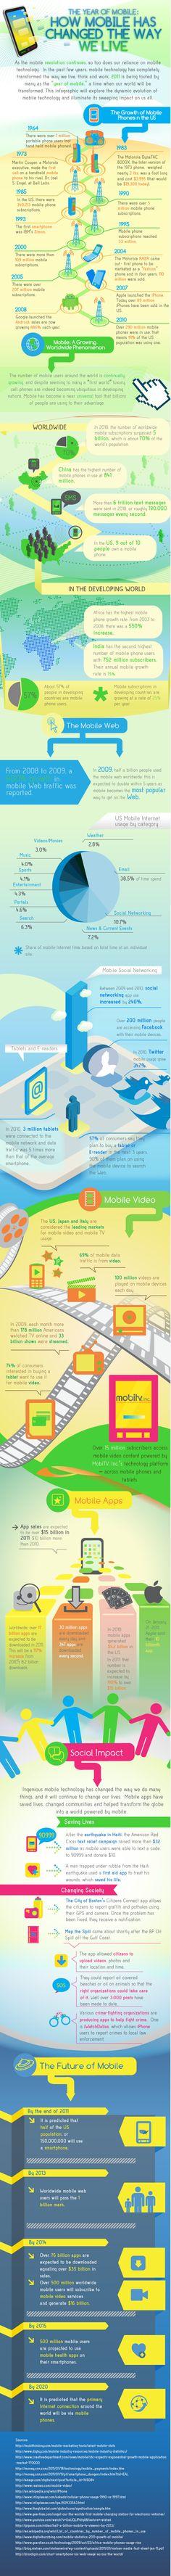 Cómo ha ido cambiando el teléfono móvil nuestra forma de vivir #infografia #infographic